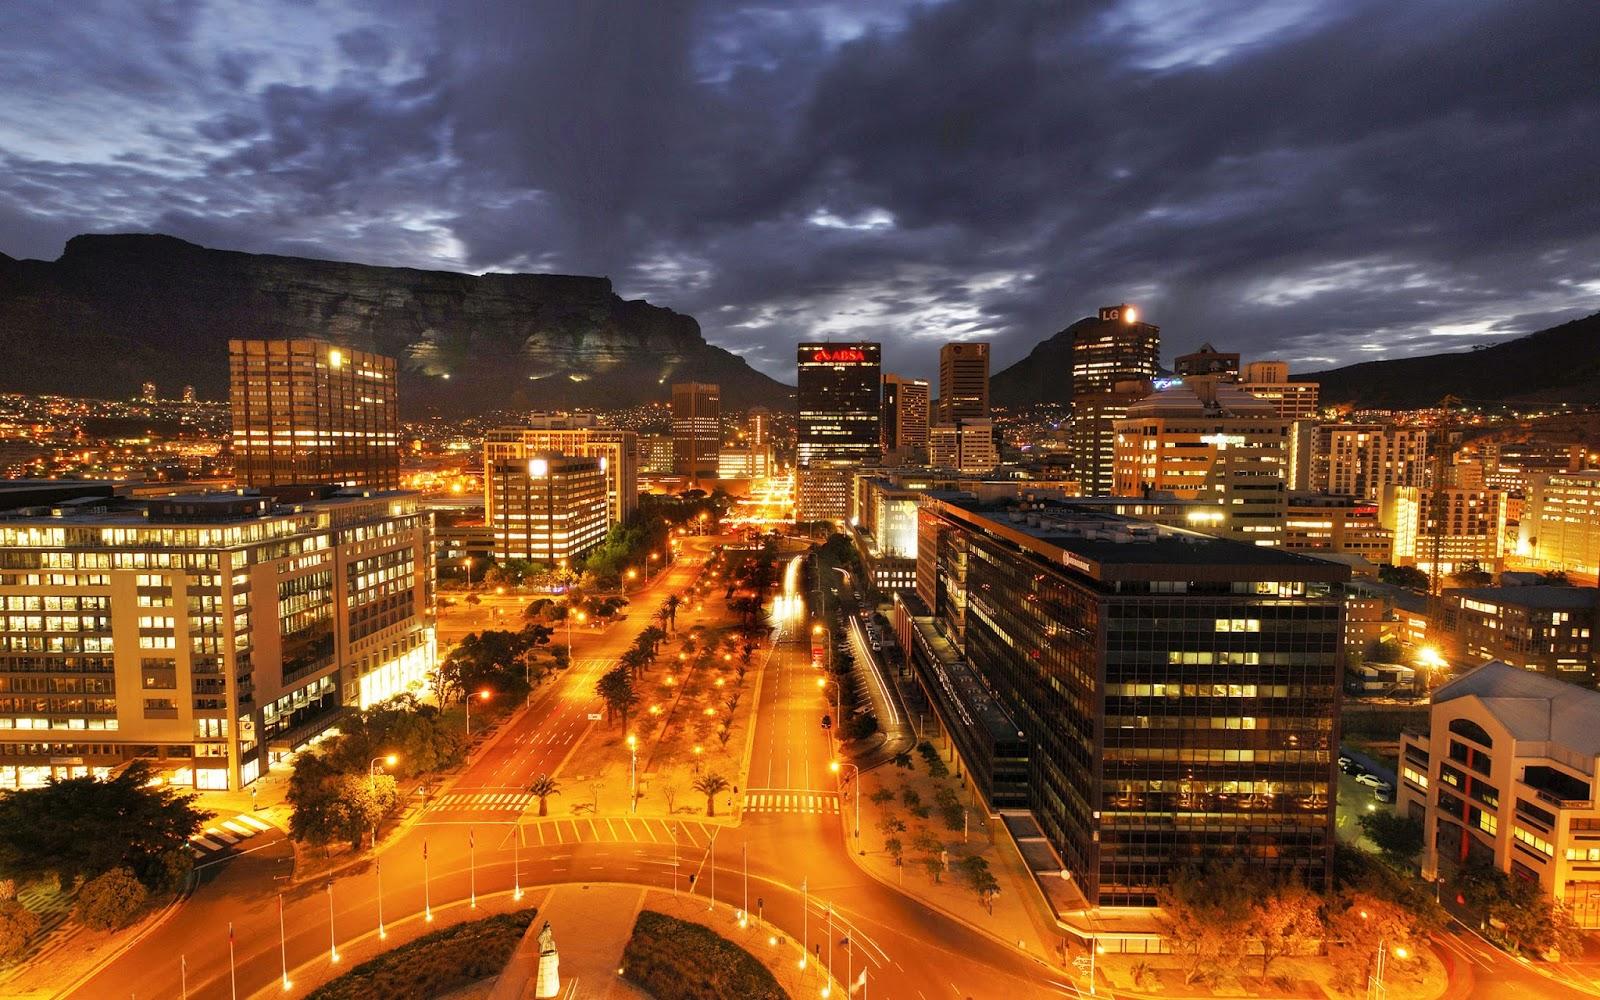 https://i1.wp.com/3.bp.blogspot.com/-uDTdW7ucJ6I/UhKrdhrnGjI/AAAAAAAAVxE/HBcfVJWLk58/s1600/Adderley-Street-Cape-Town-South-Africa.jpg?resize=1012%2C633